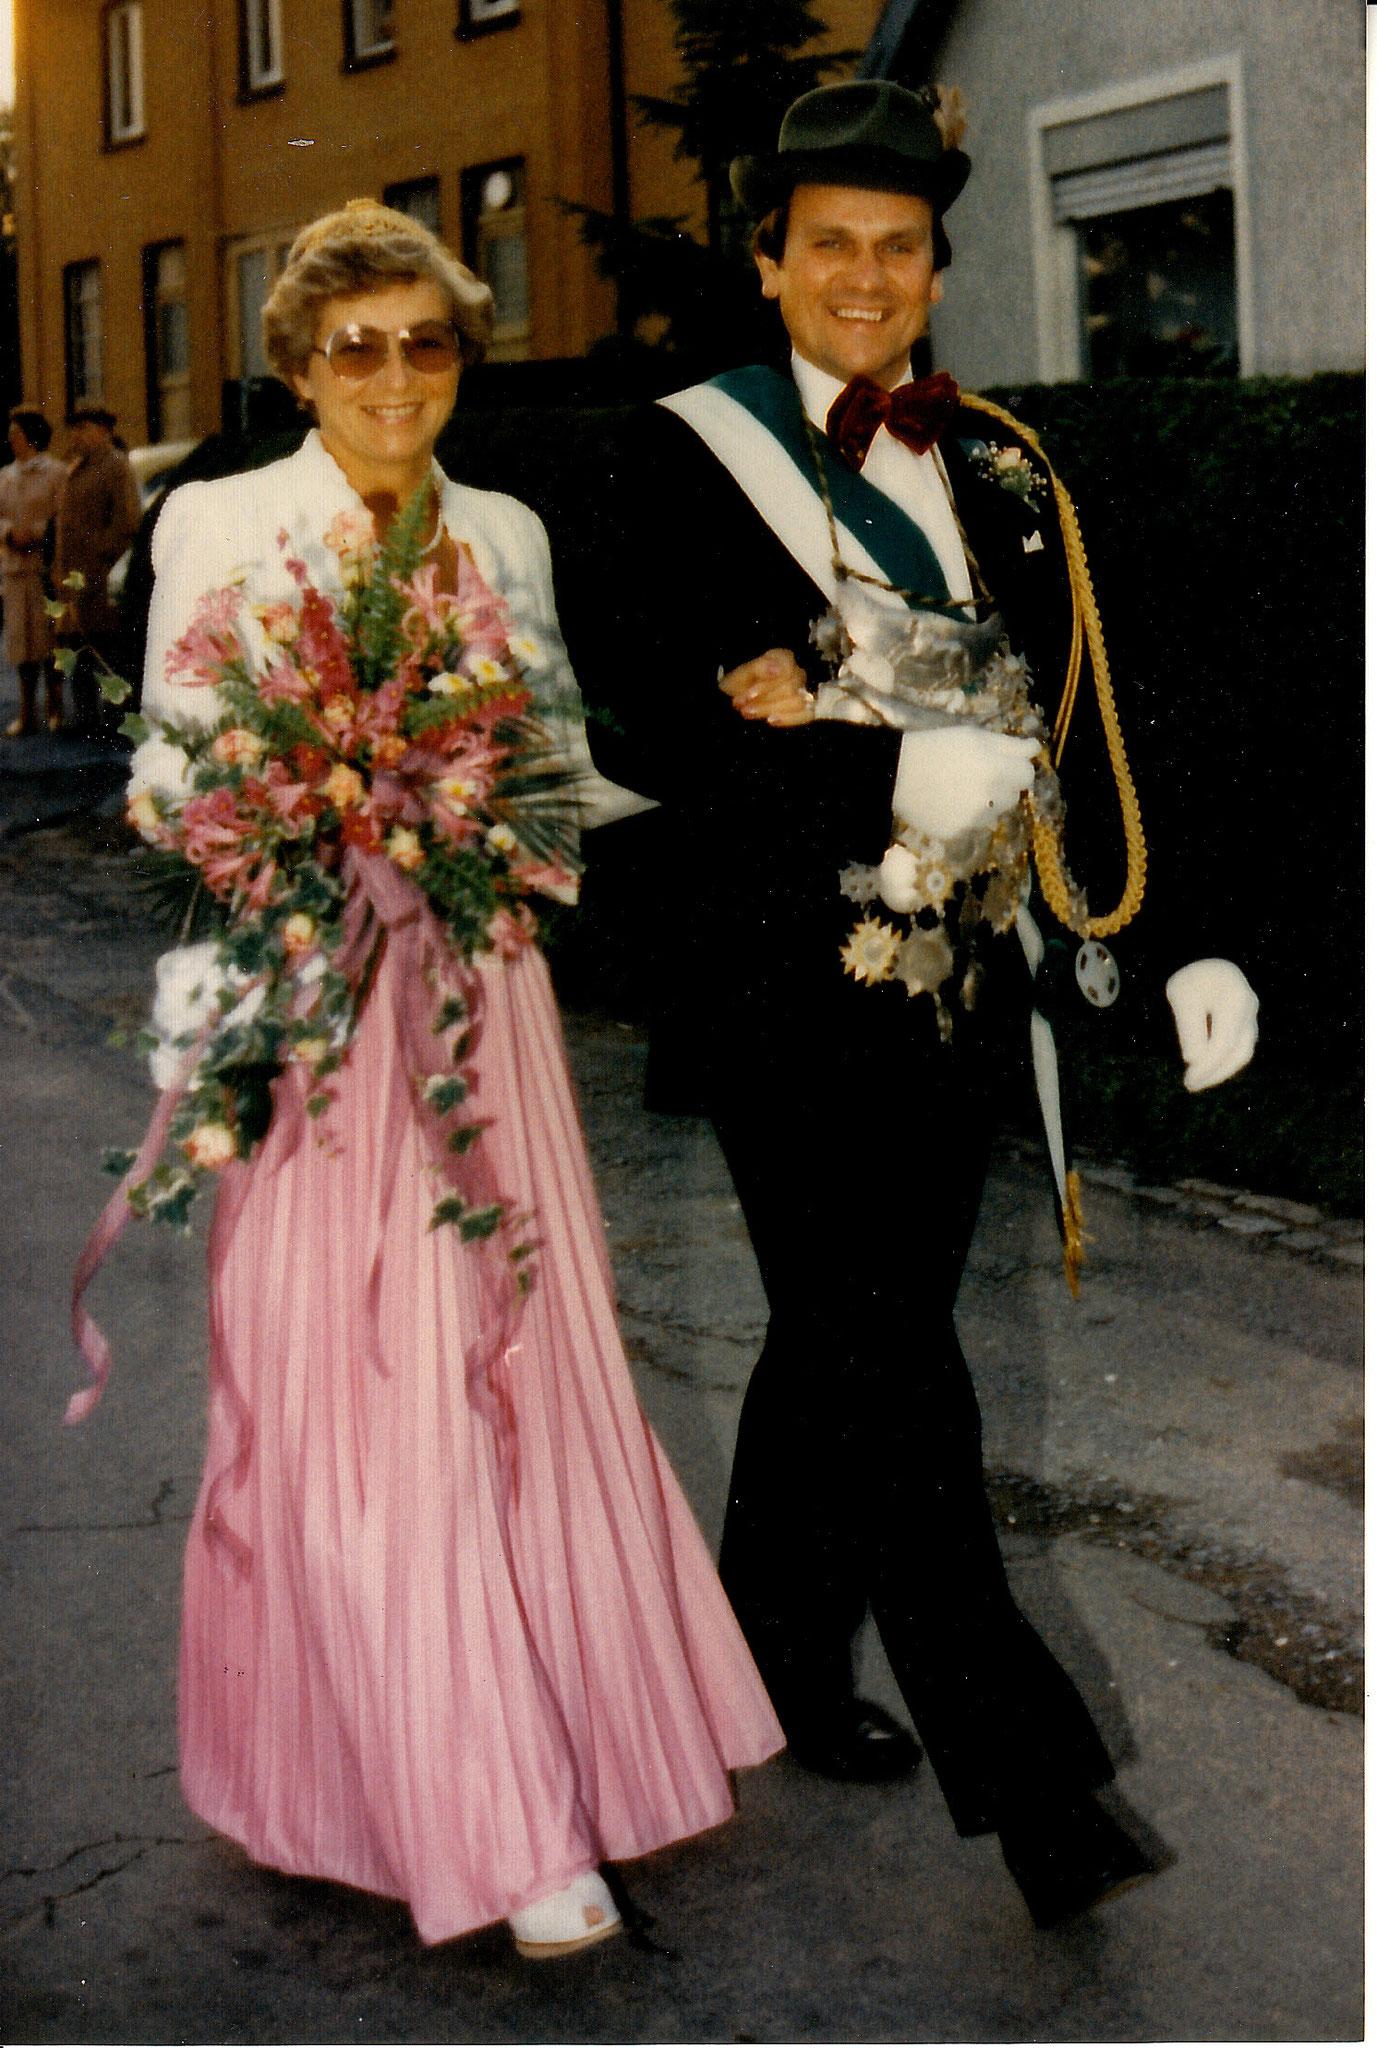 1979 Heinz Schafsteller & Anita Dieckmann